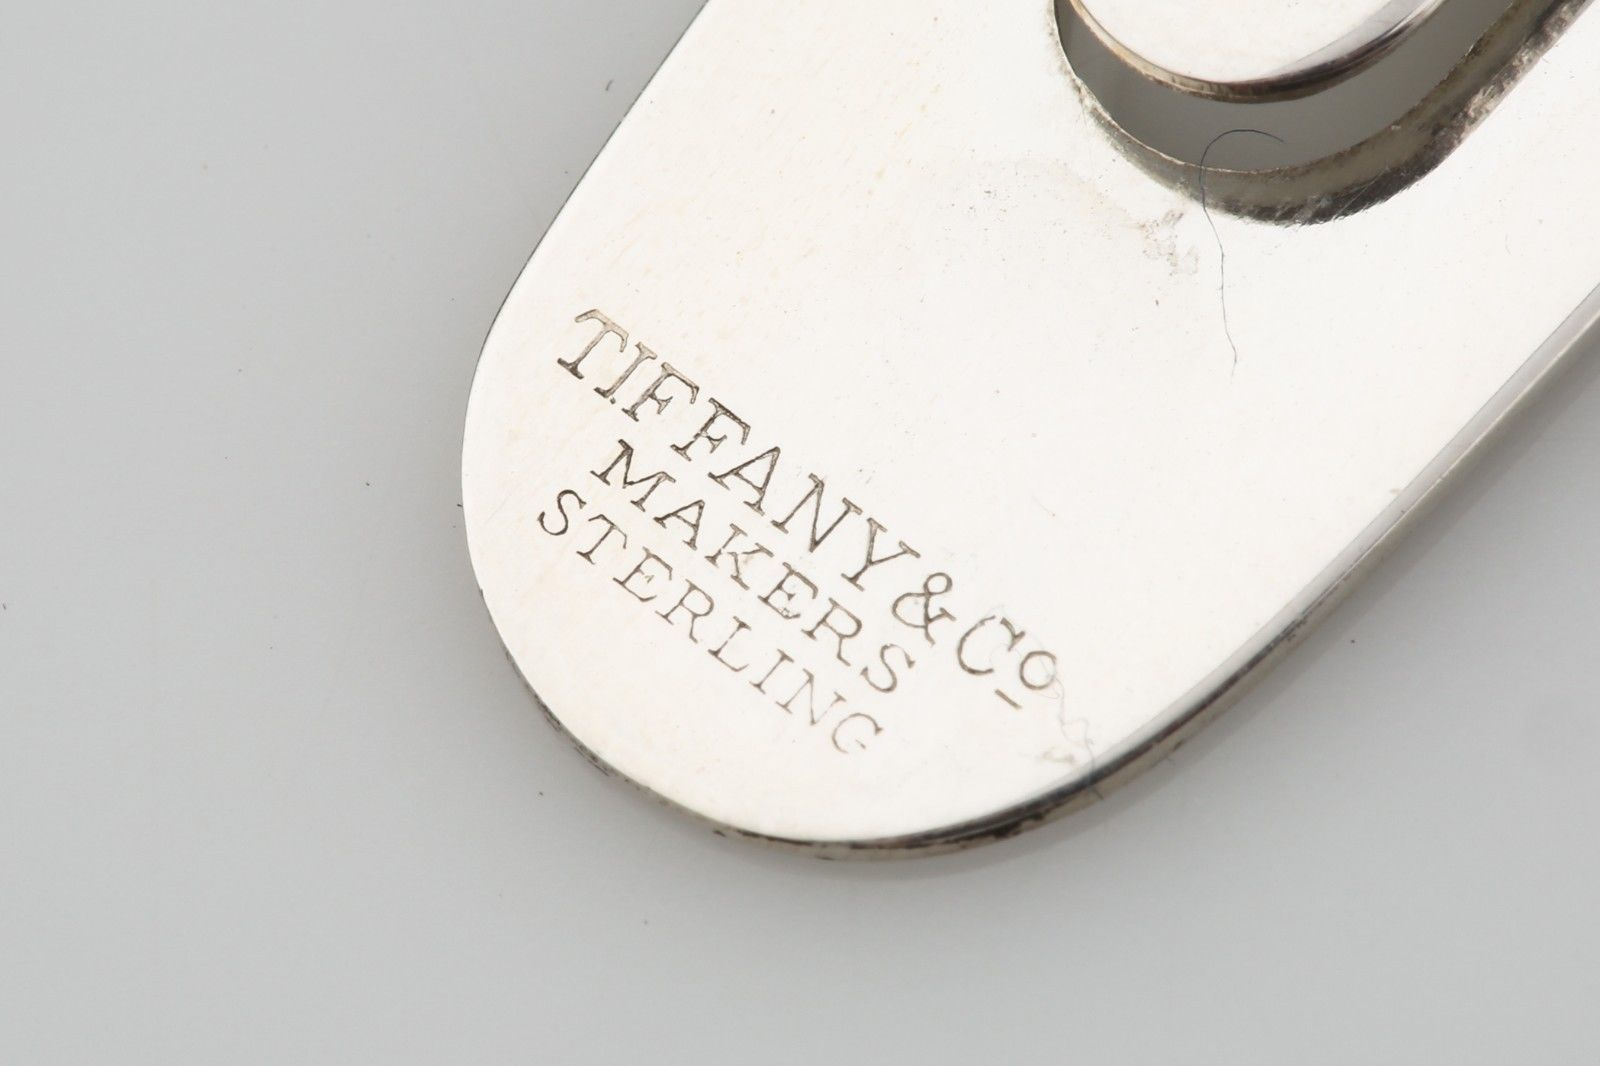 Autentico Tiffany & Co Macchina Sterling Color Argento Acero Foglia Segnalibro image 4